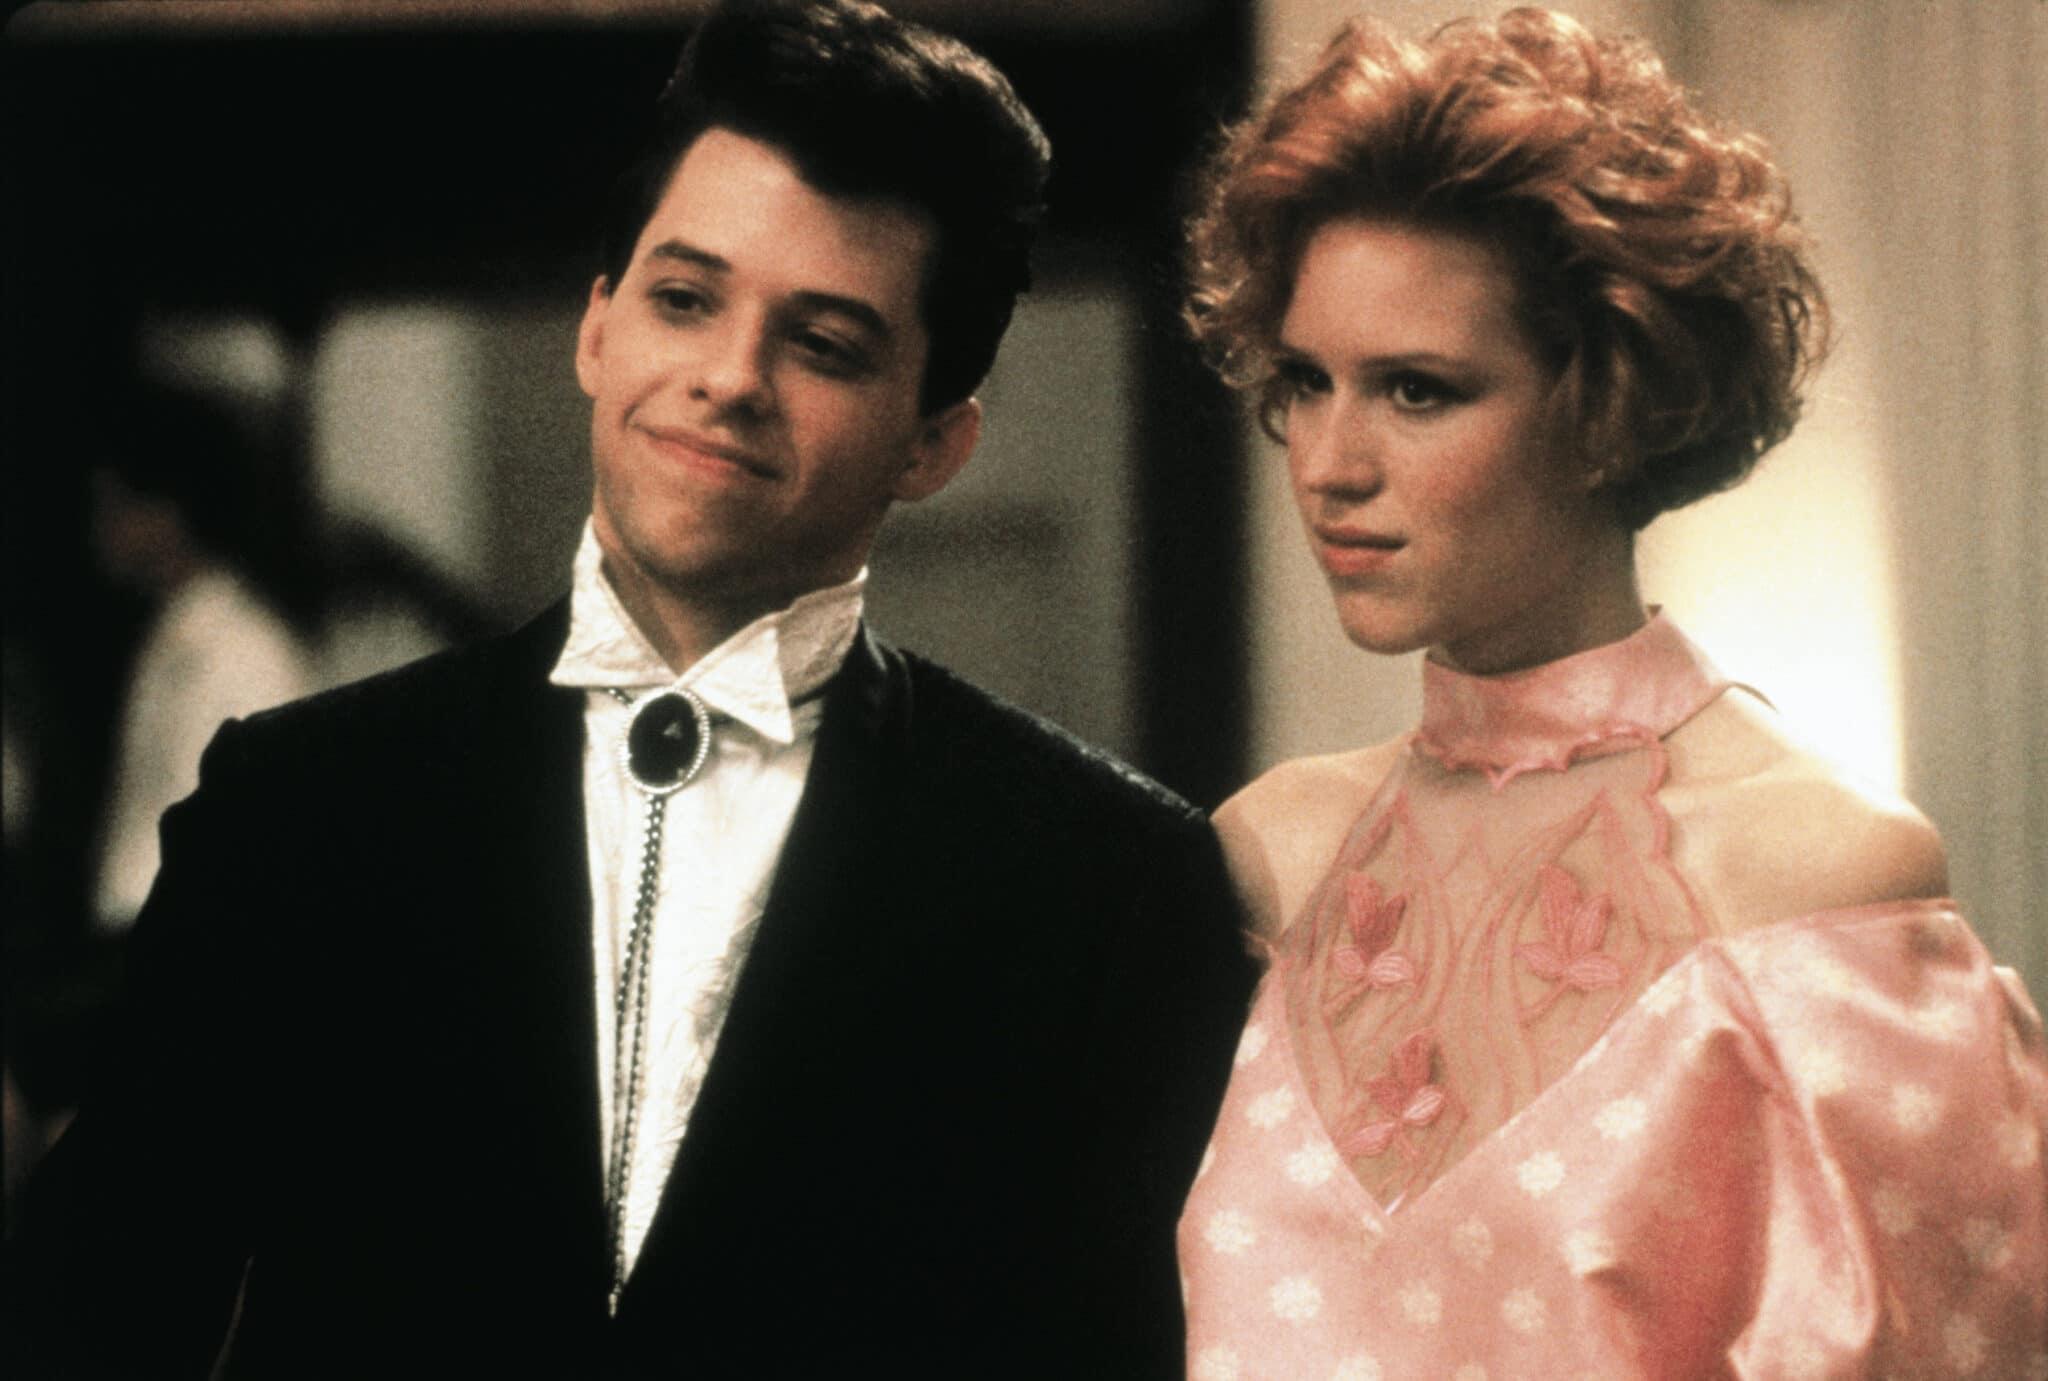 """Jon Cryer steht als Duckie im schicken Anzug händchenhaltend neben Molly Ringwald als Andie, die ein pinkes Ballkleid trägt, in """"Pretty In Pink""""."""